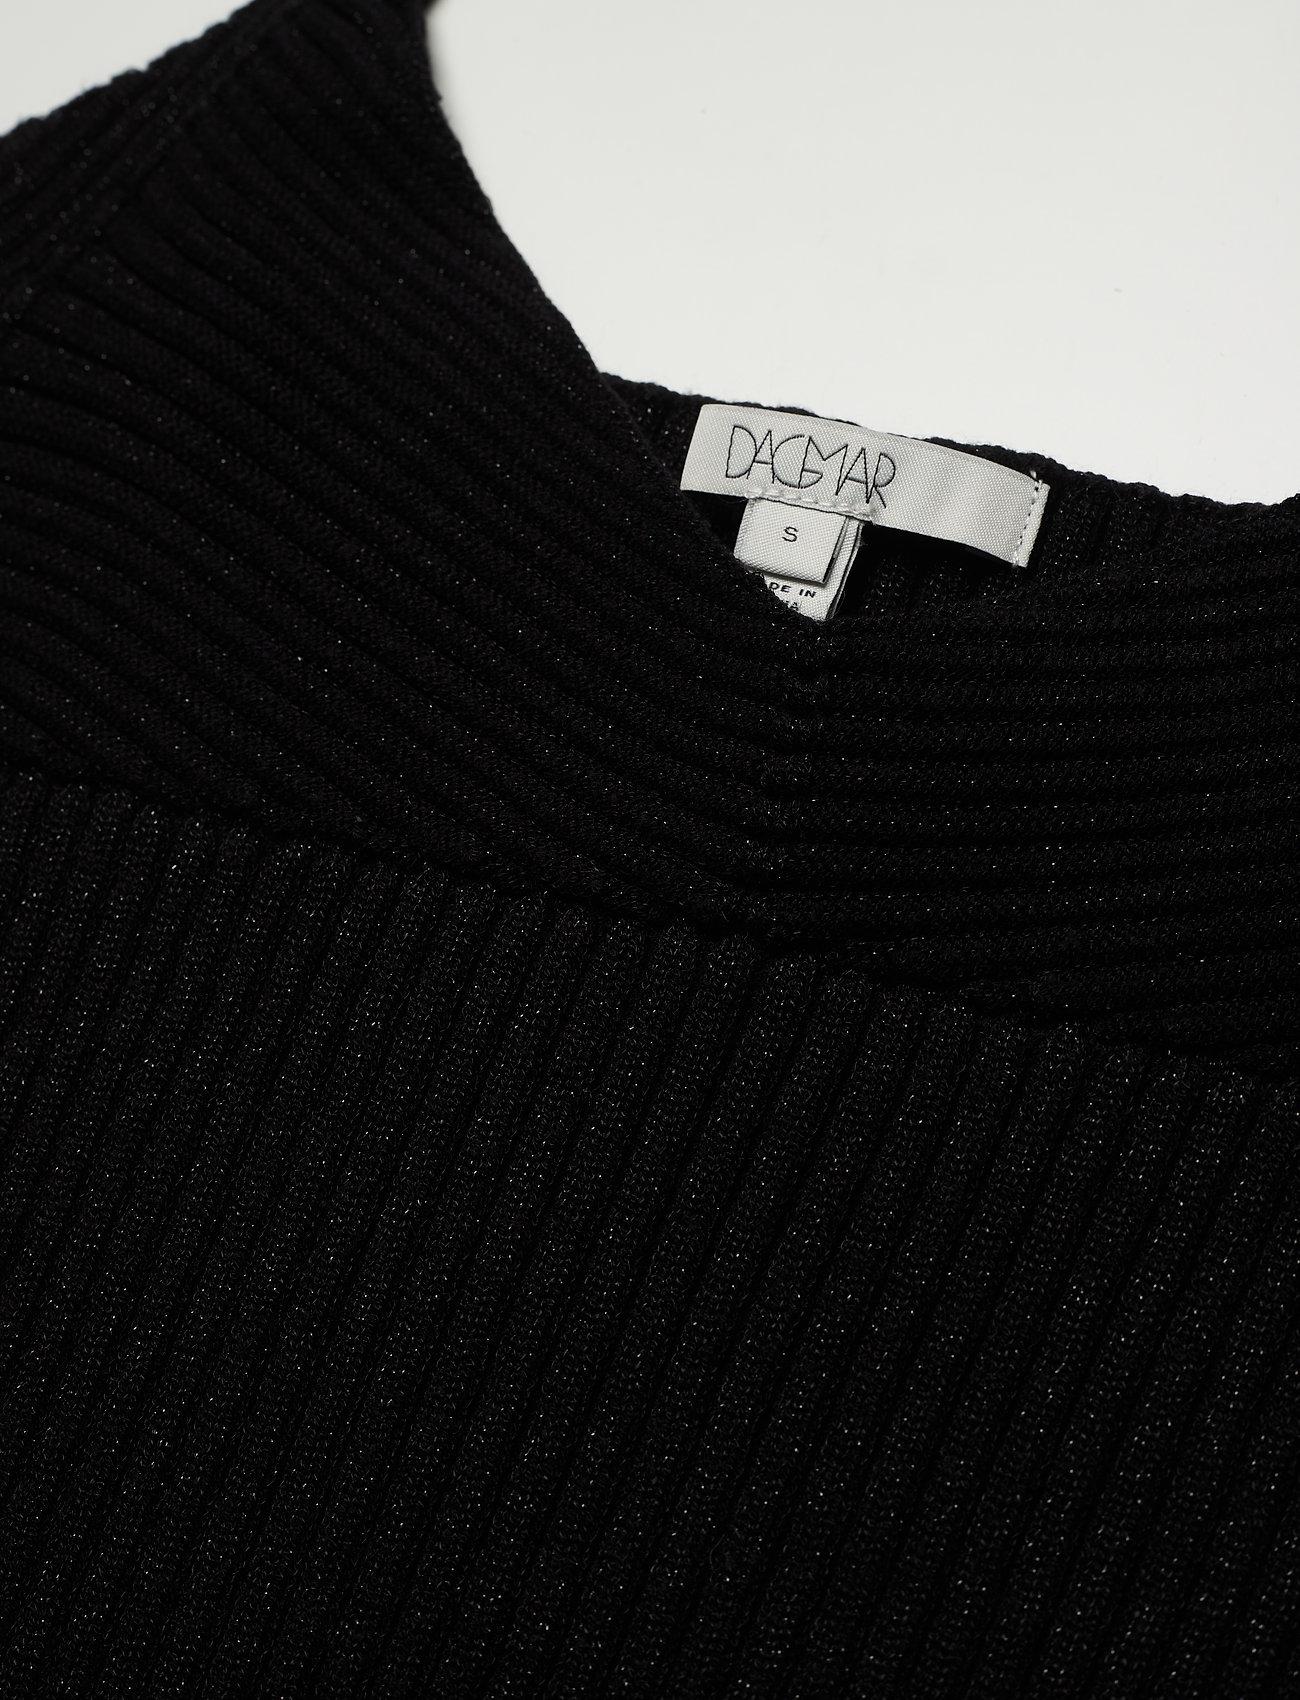 Jennifer (Black) (169 €) - Dagmar ERcio